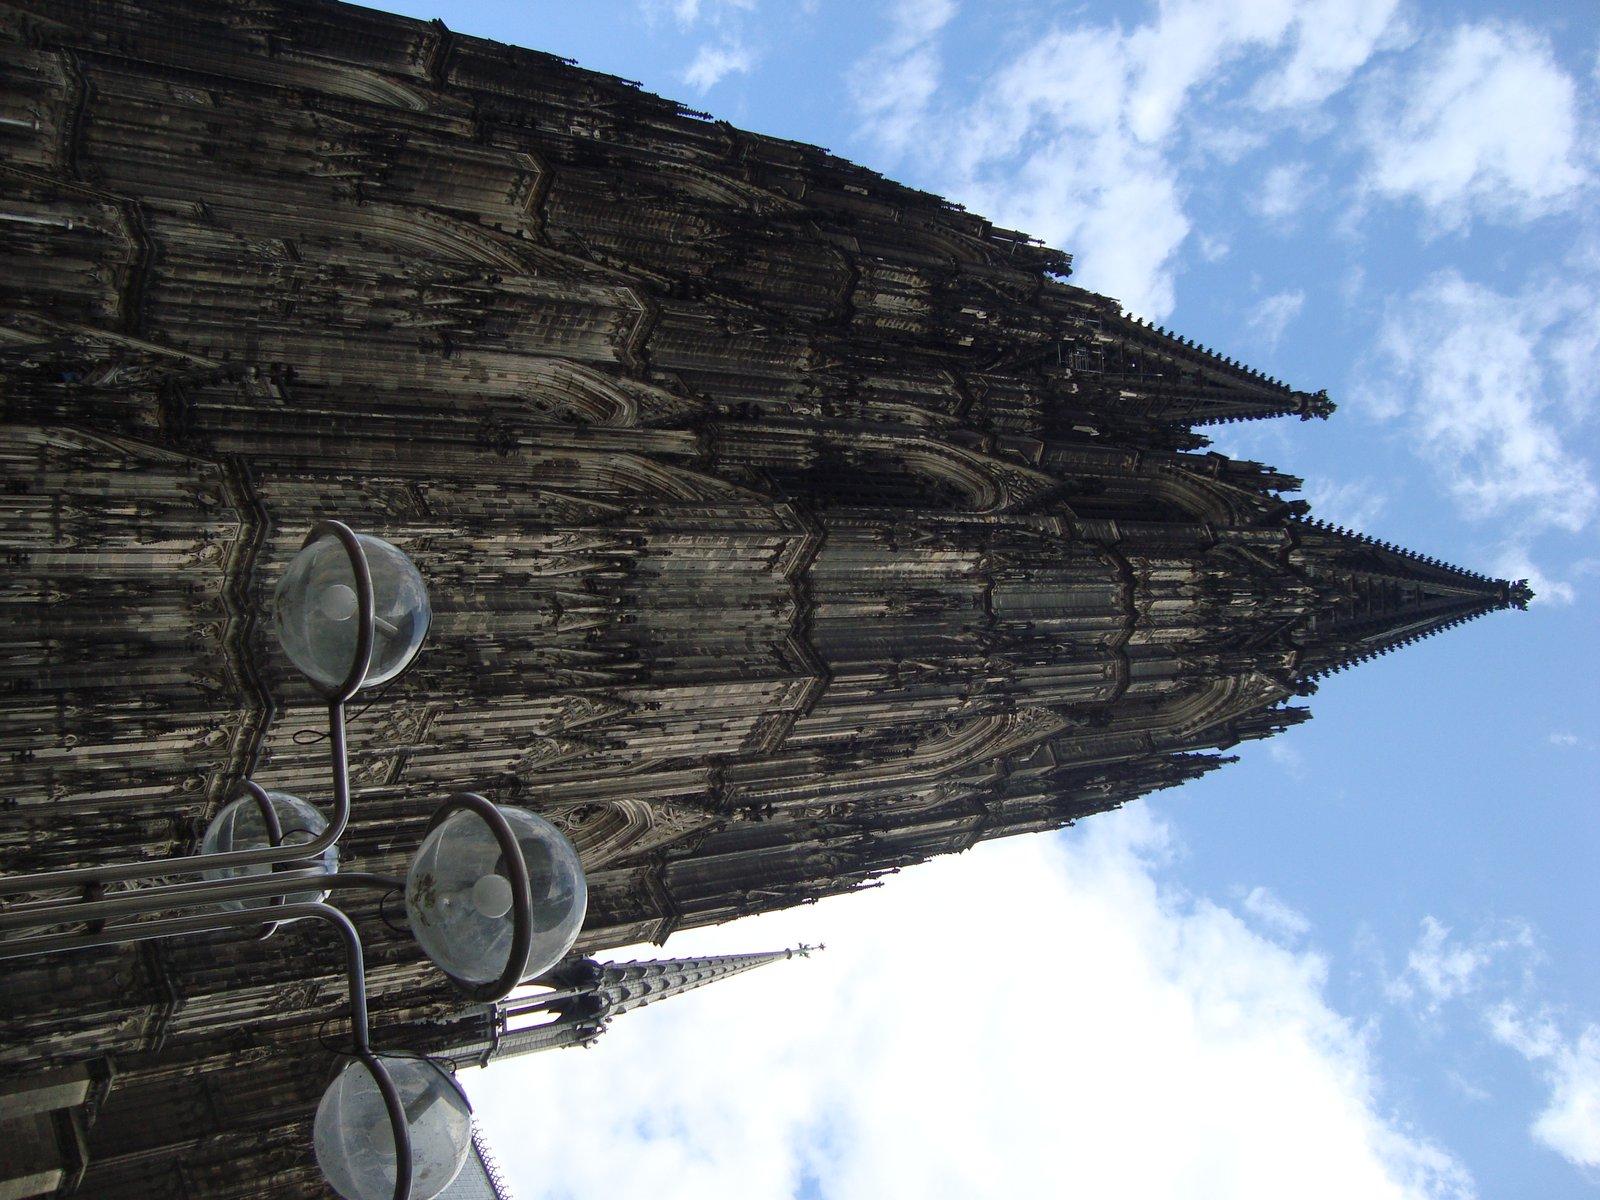 Huge cathedral i